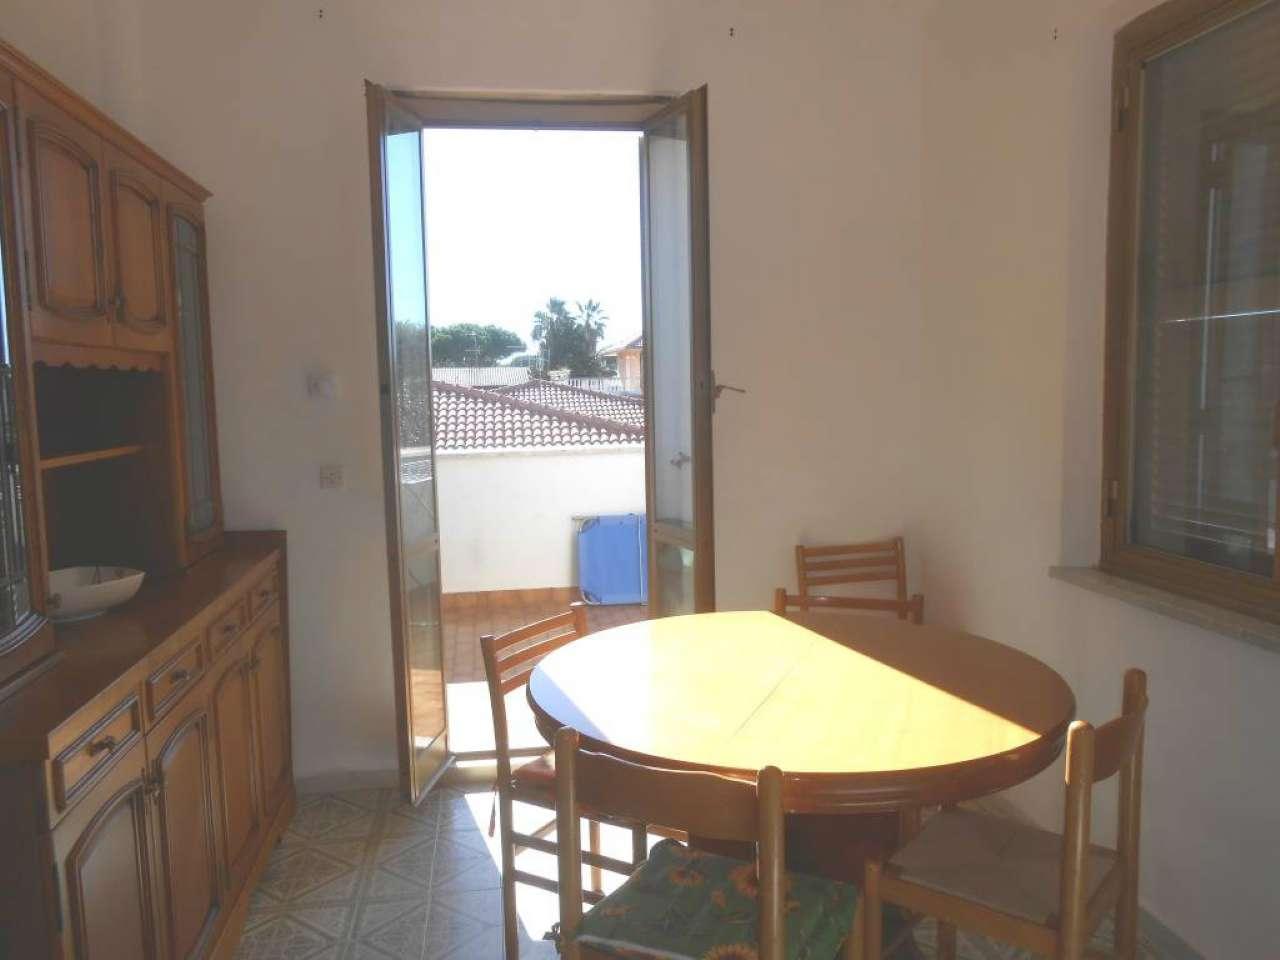 Attico / Mansarda in affitto a Anzio, 4 locali, prezzo € 600 | CambioCasa.it